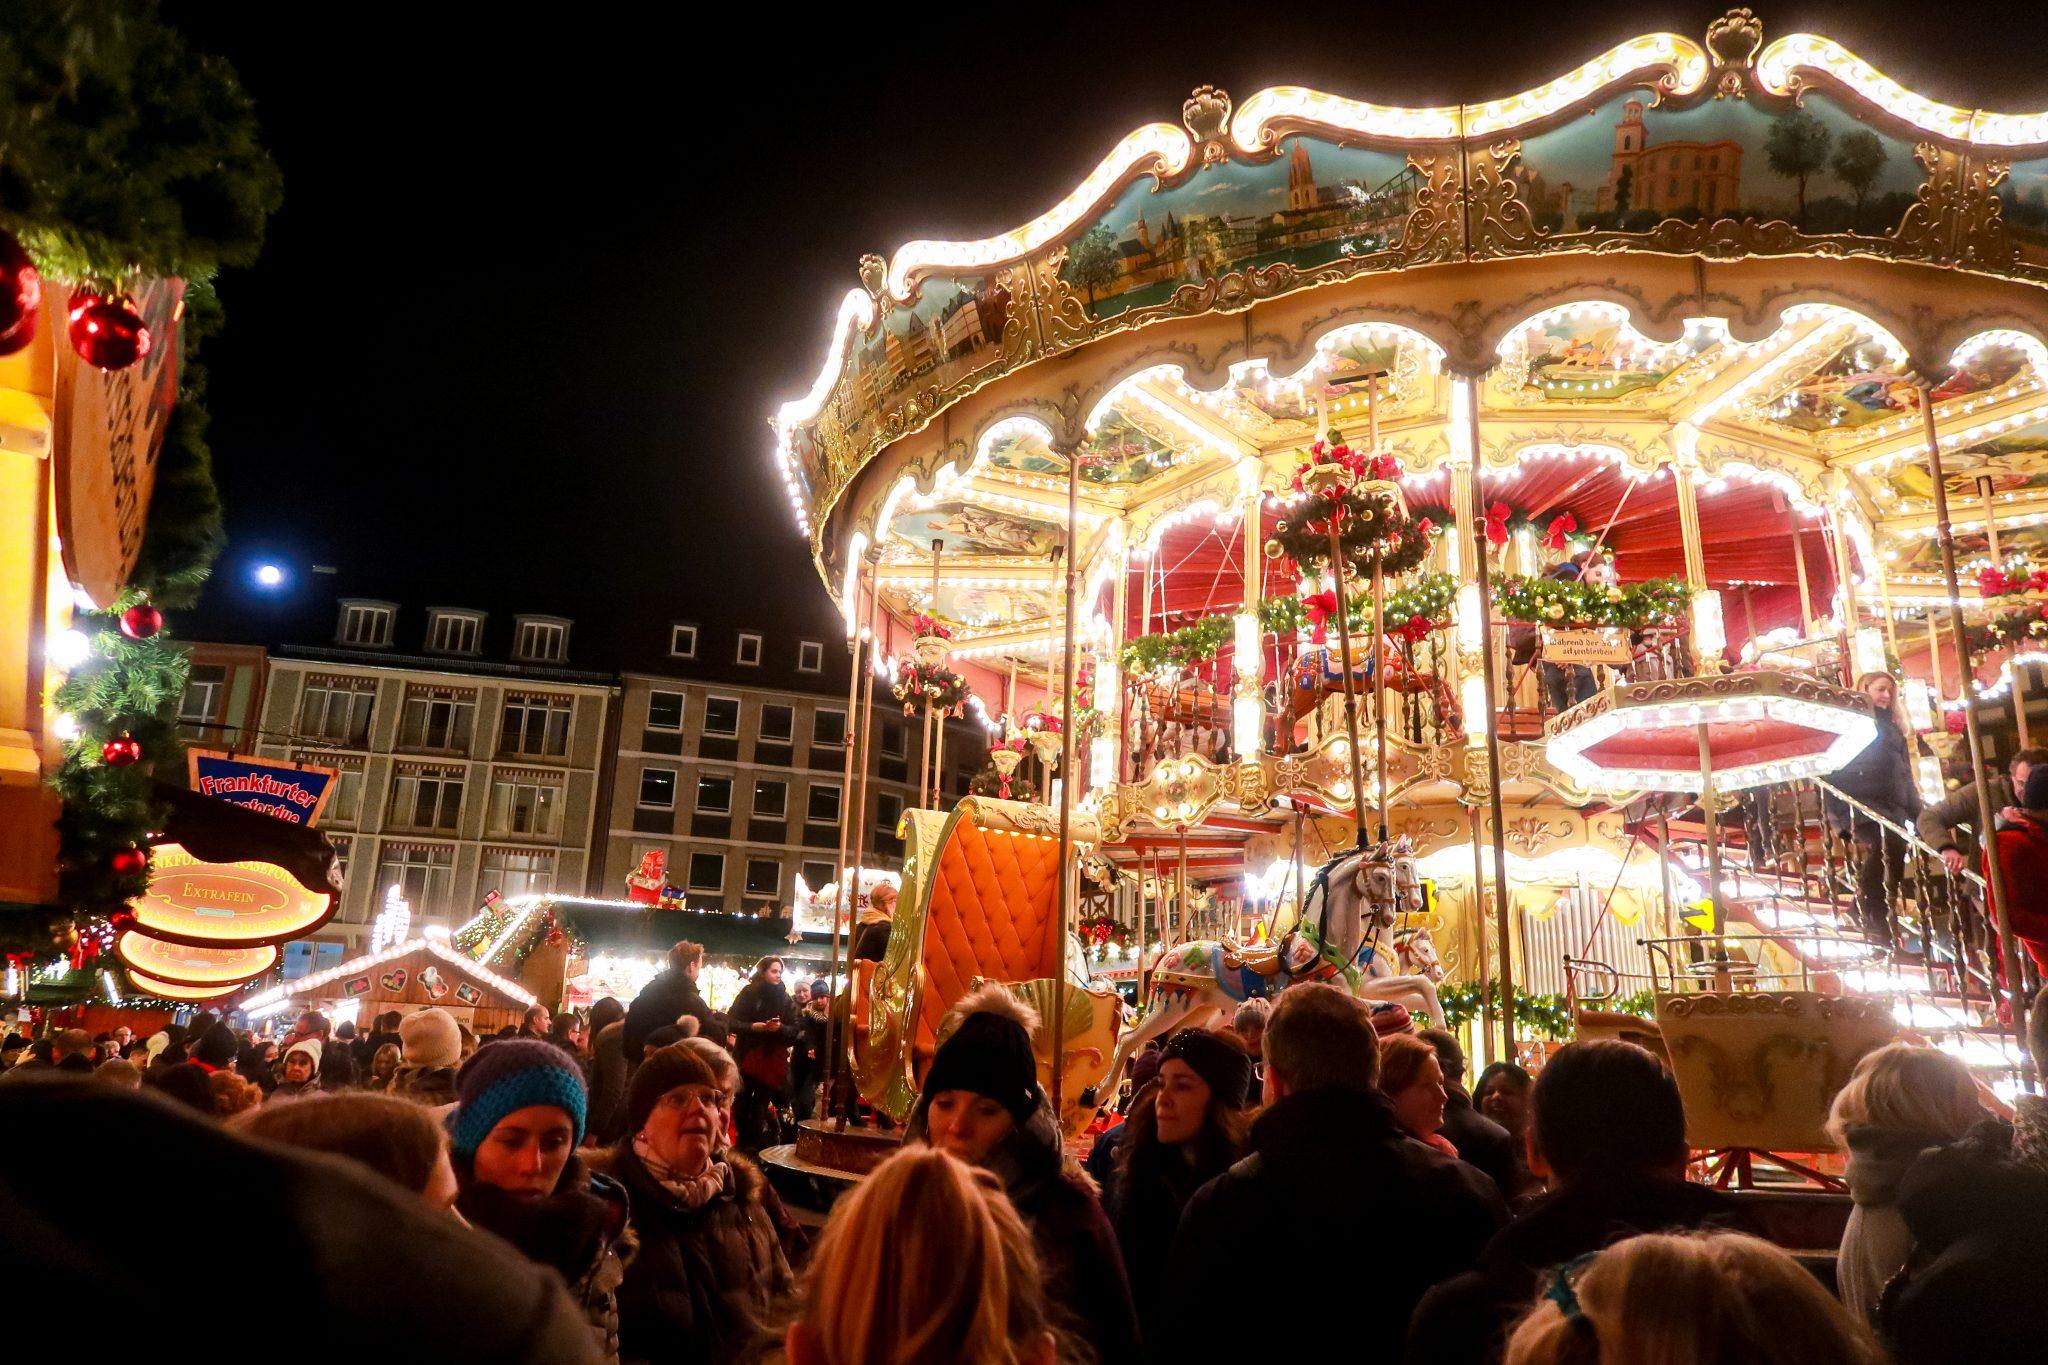 Auch in Frankfurt steht ein historisches Karussell. Einfach herrlich!